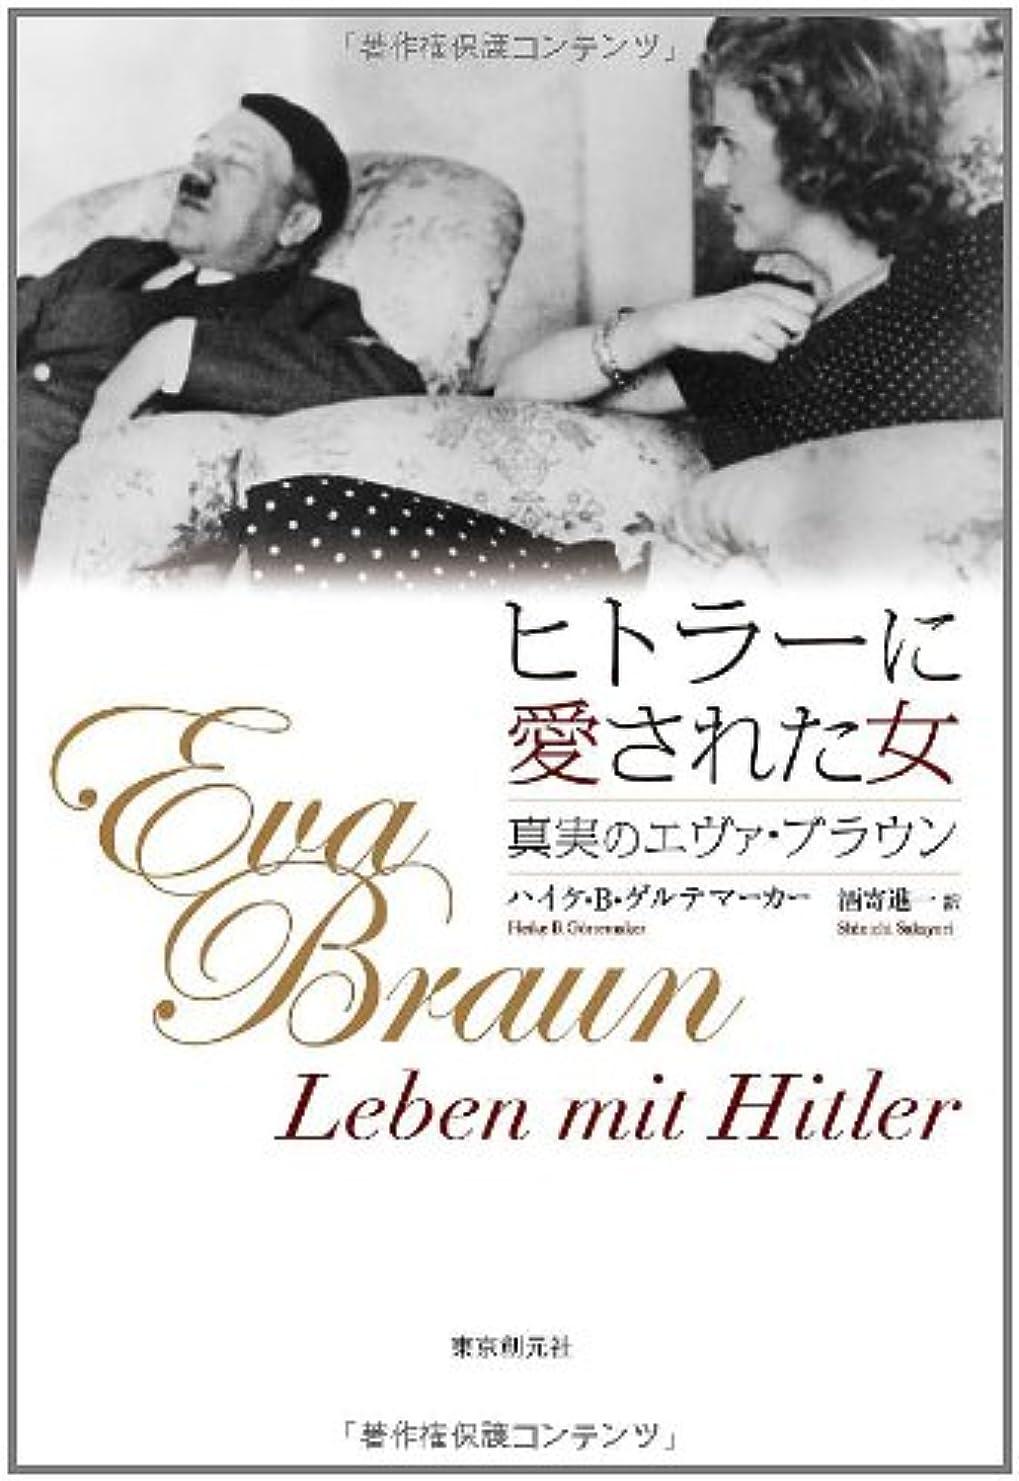 花輪ピアノ水差しヒトラーに愛された女 (真実のエヴァ?ブラウン)